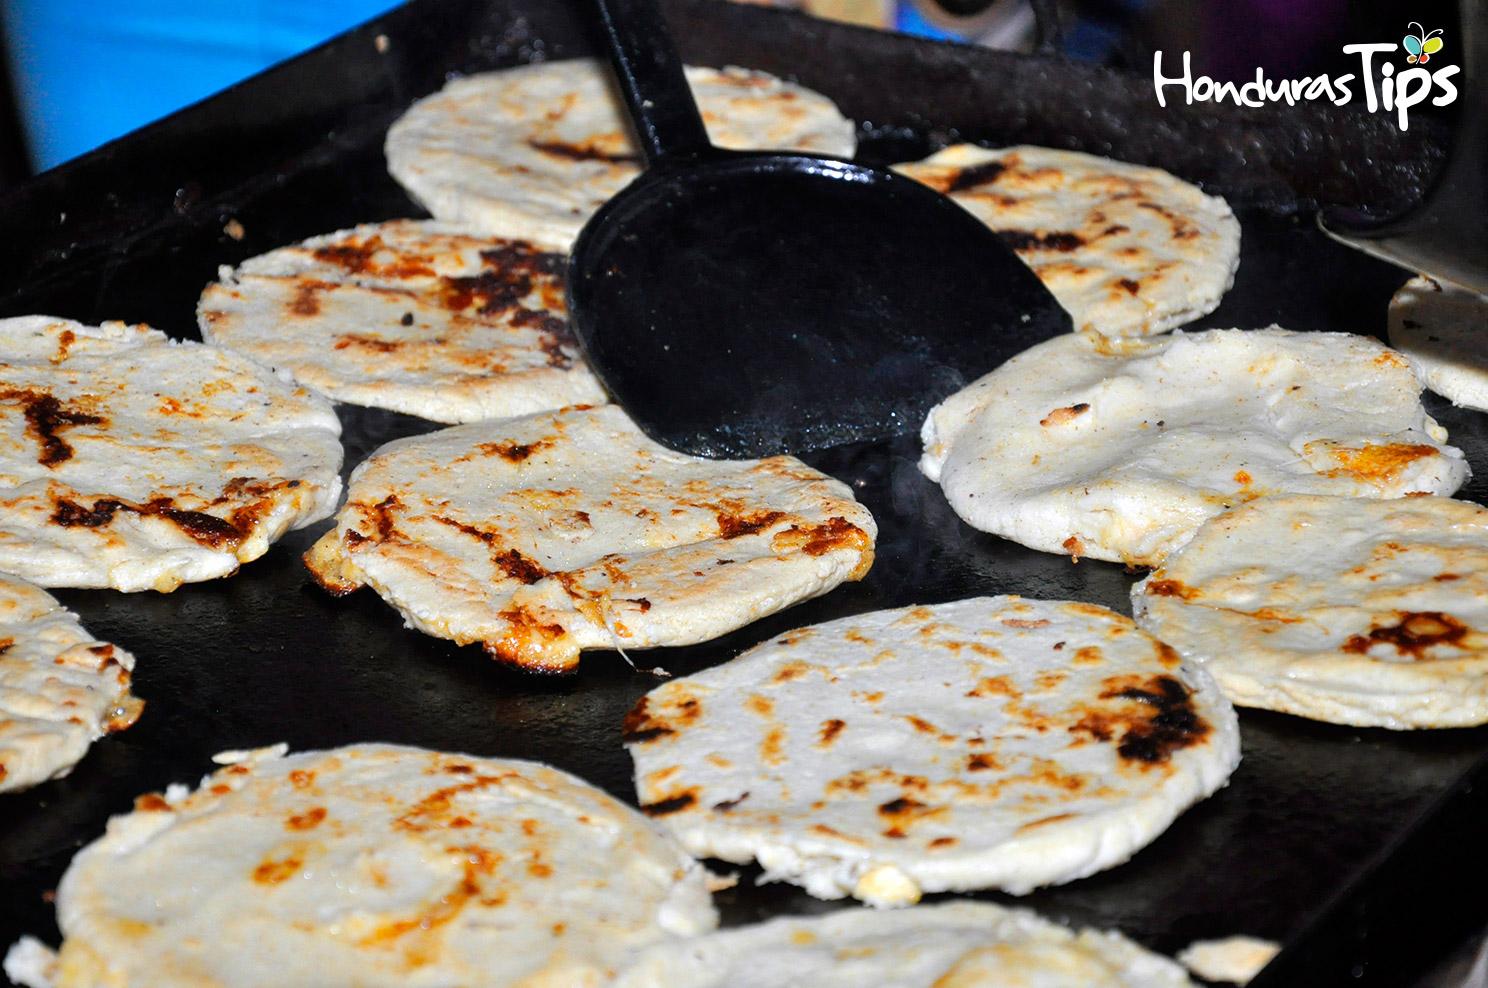 Las pupusas fueron parte de la oferta gastronómica para los visitantes de Caravana de Identidad.